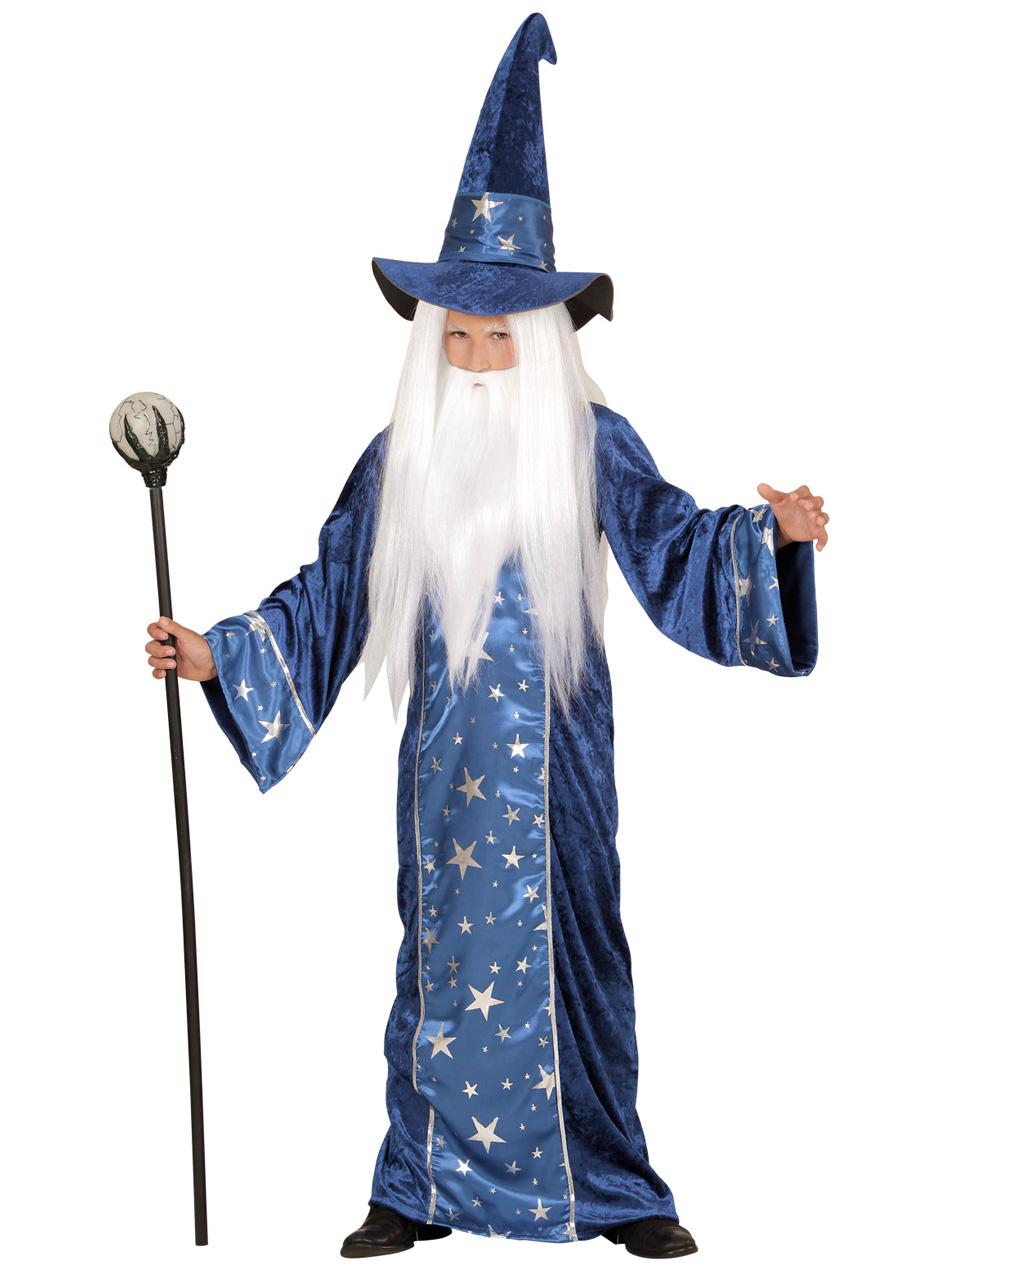 Black Other New Kids Wizard Magician Foam Black /& Silver Hat Halloween Fancy Dress